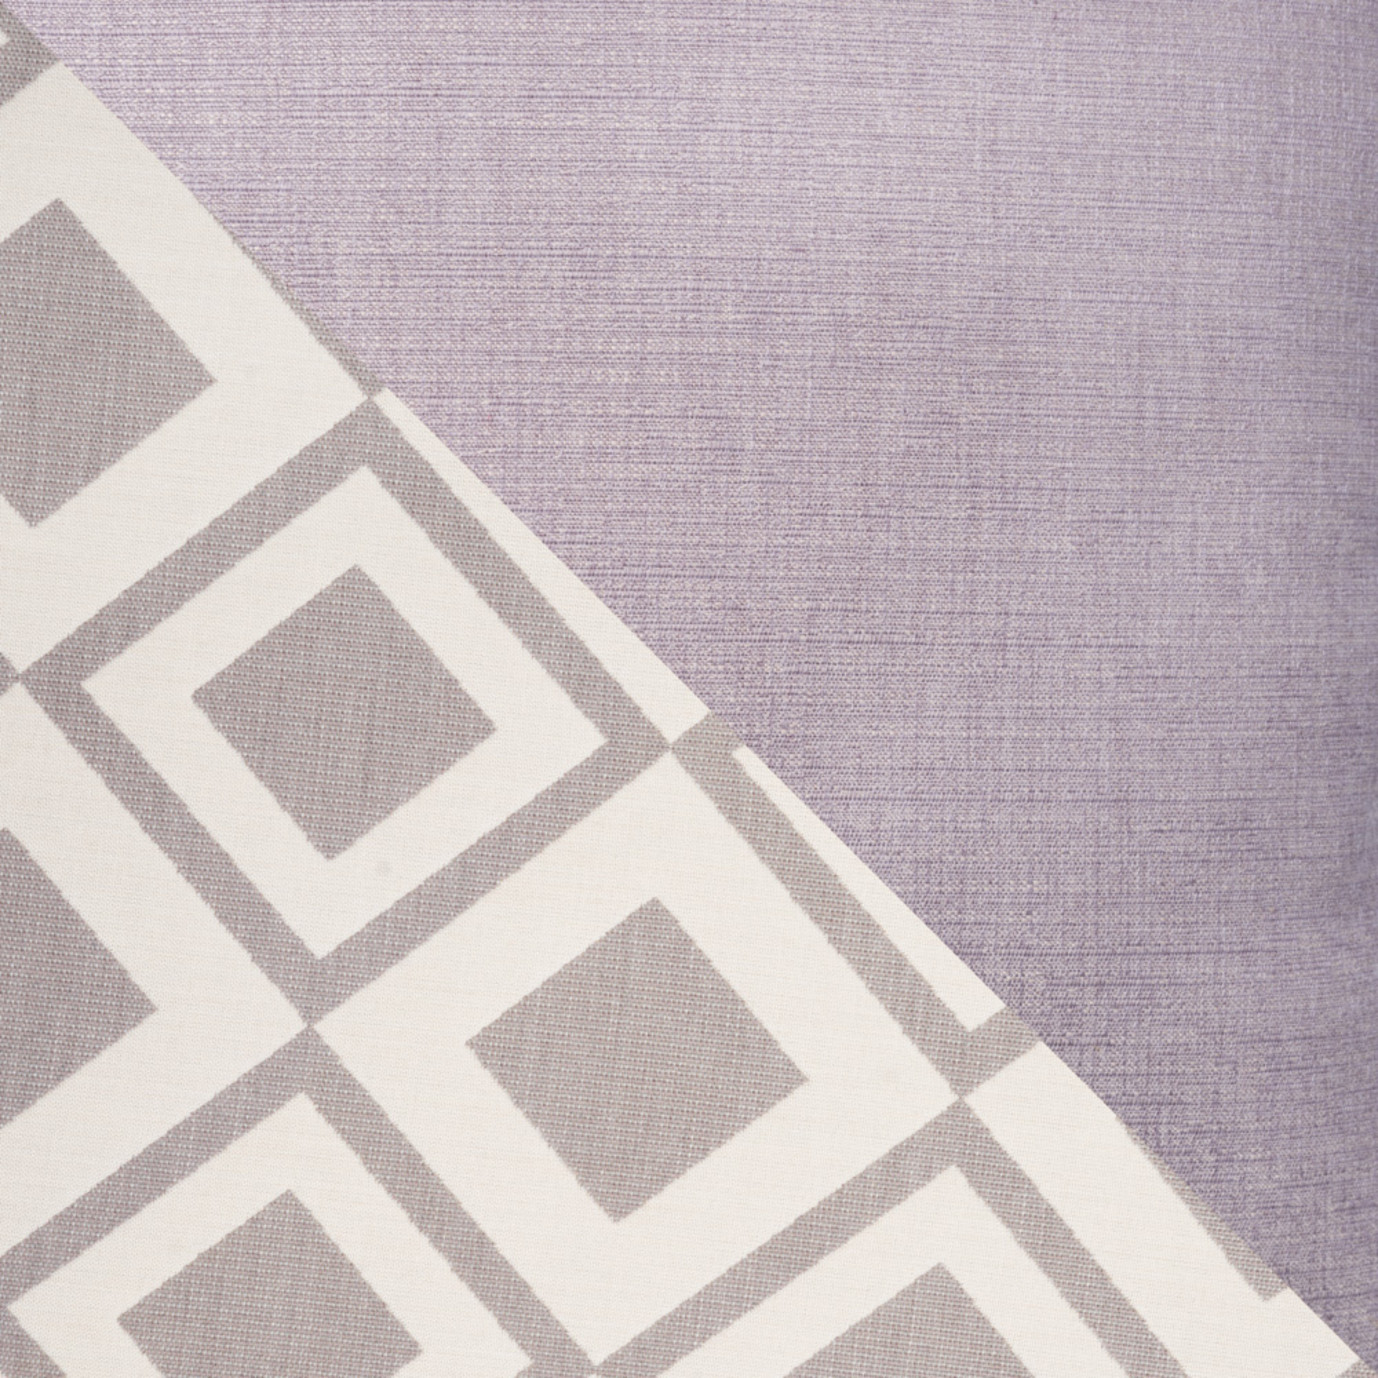 Deco™ Loveseat & Ottoman - Wisteria Lavender